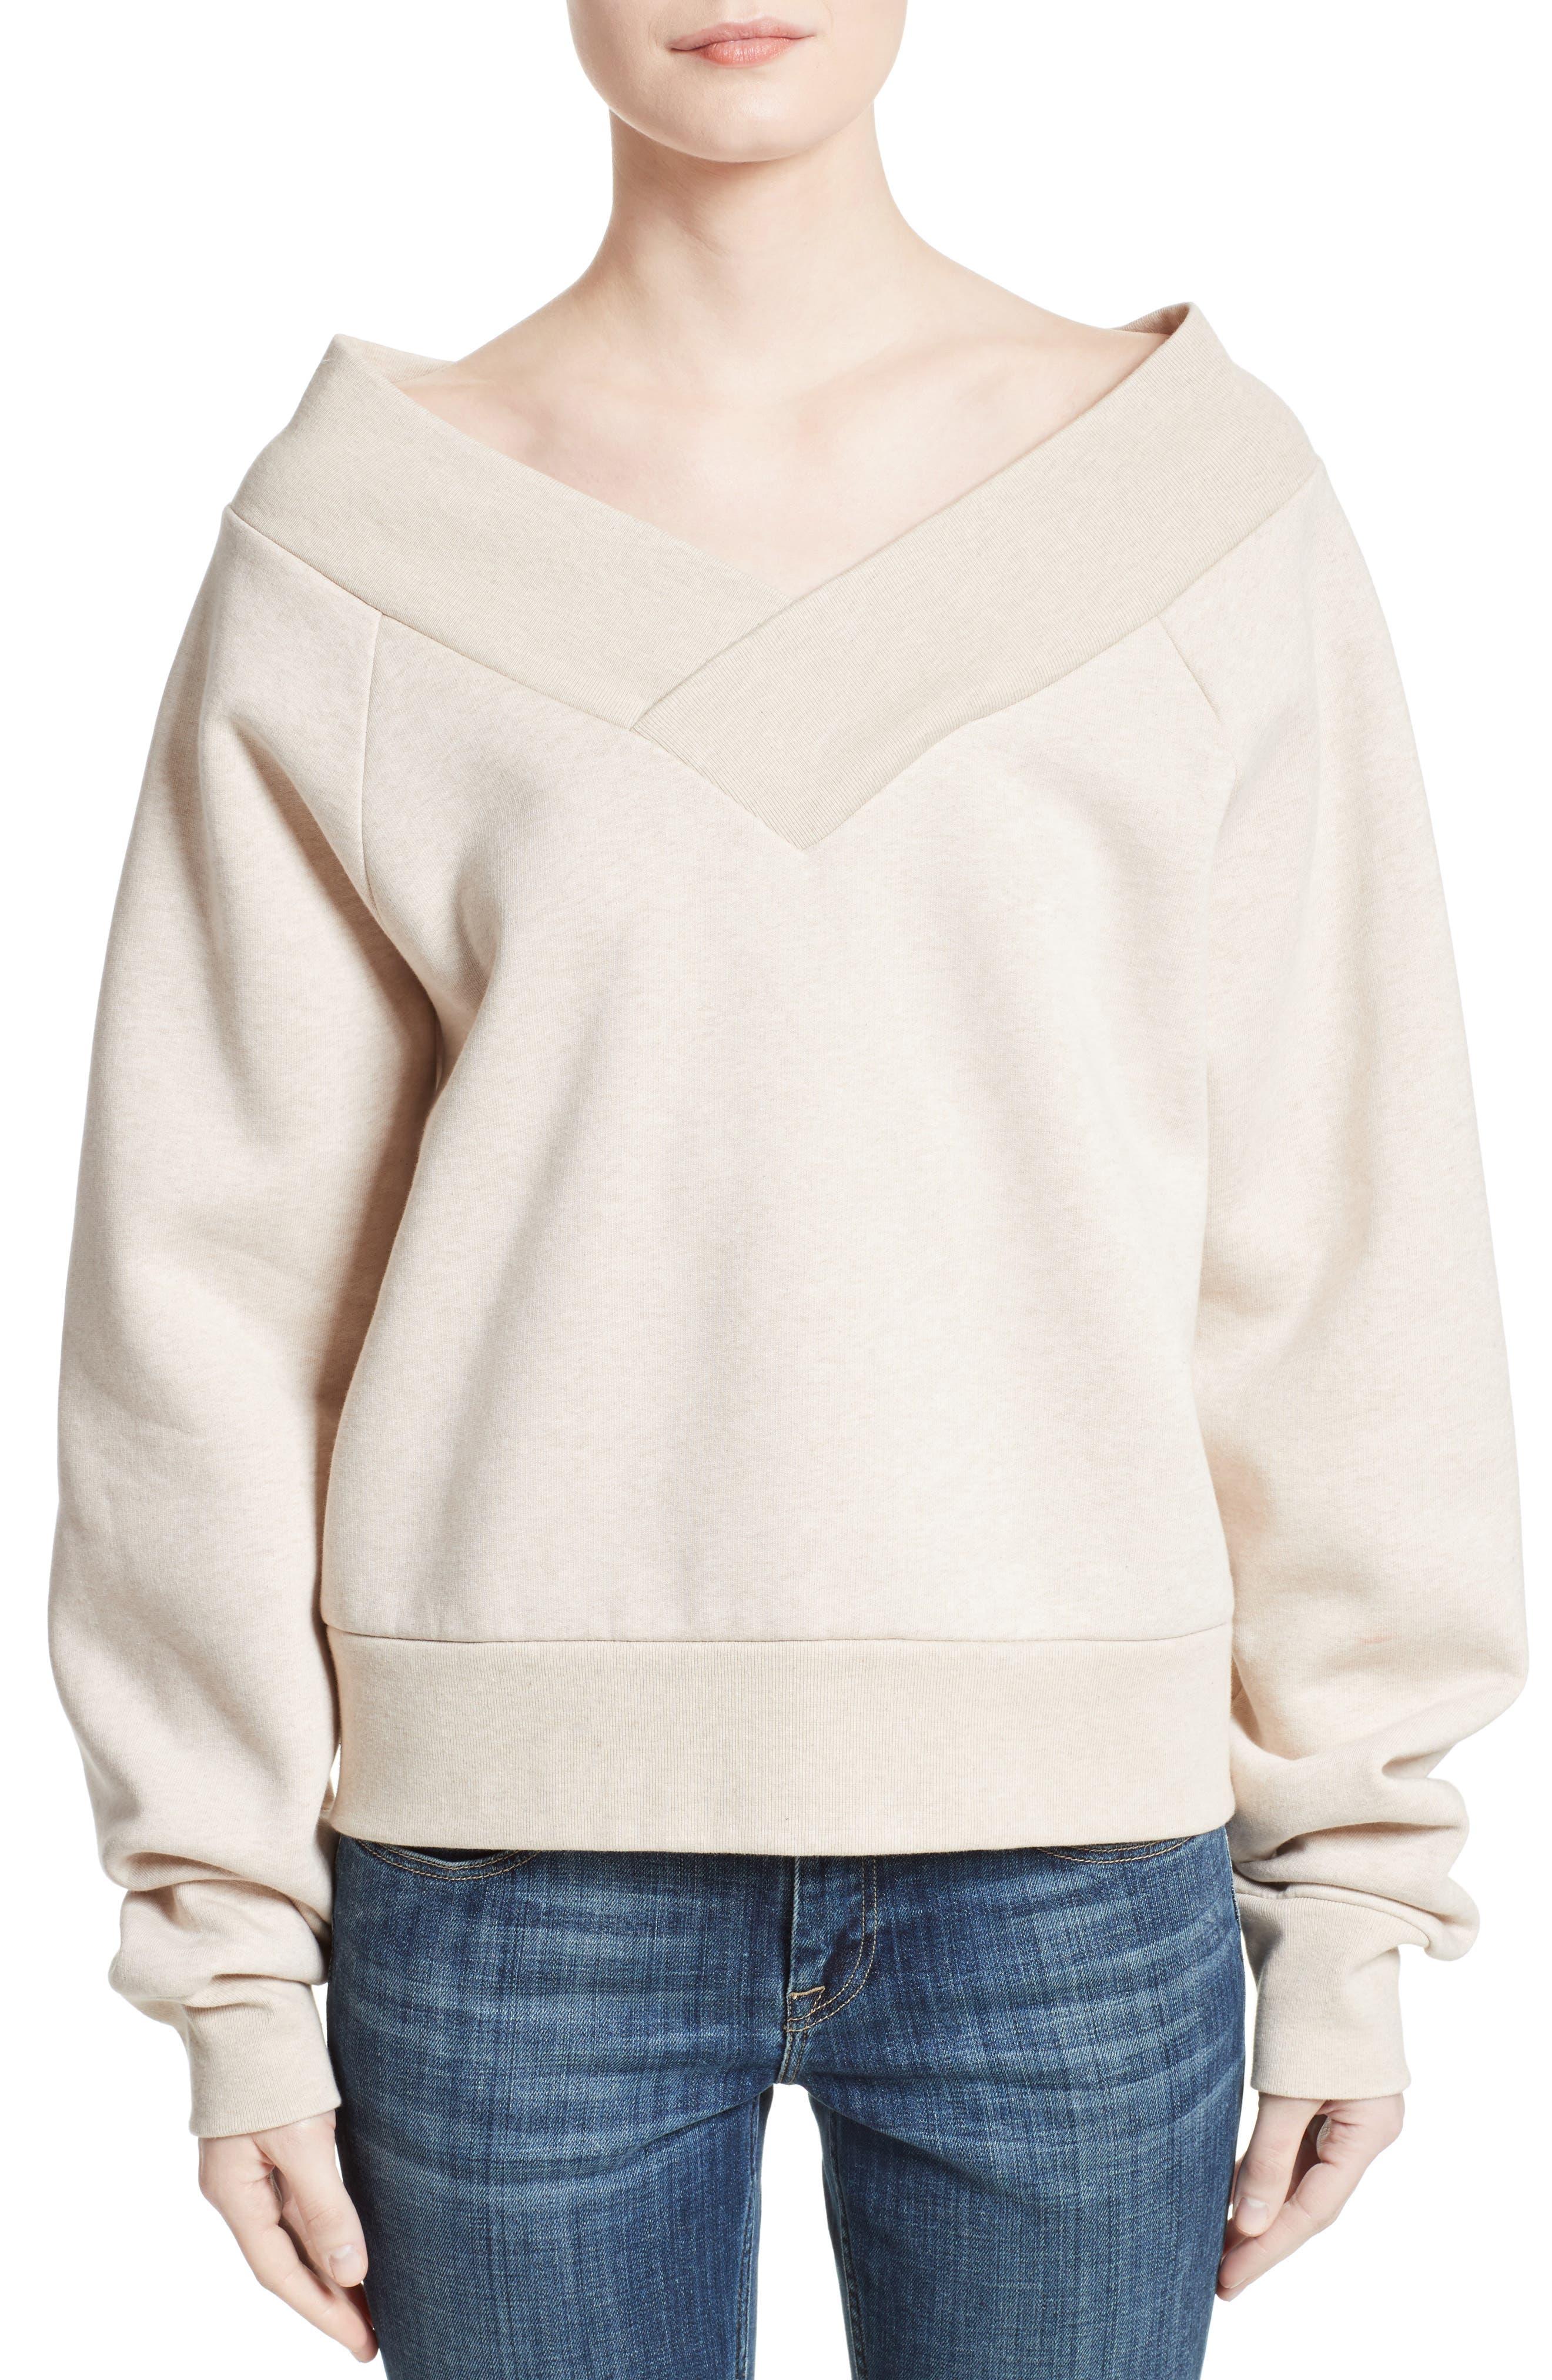 Falacho V-Neck Sweatshirt,                             Main thumbnail 1, color,                             250